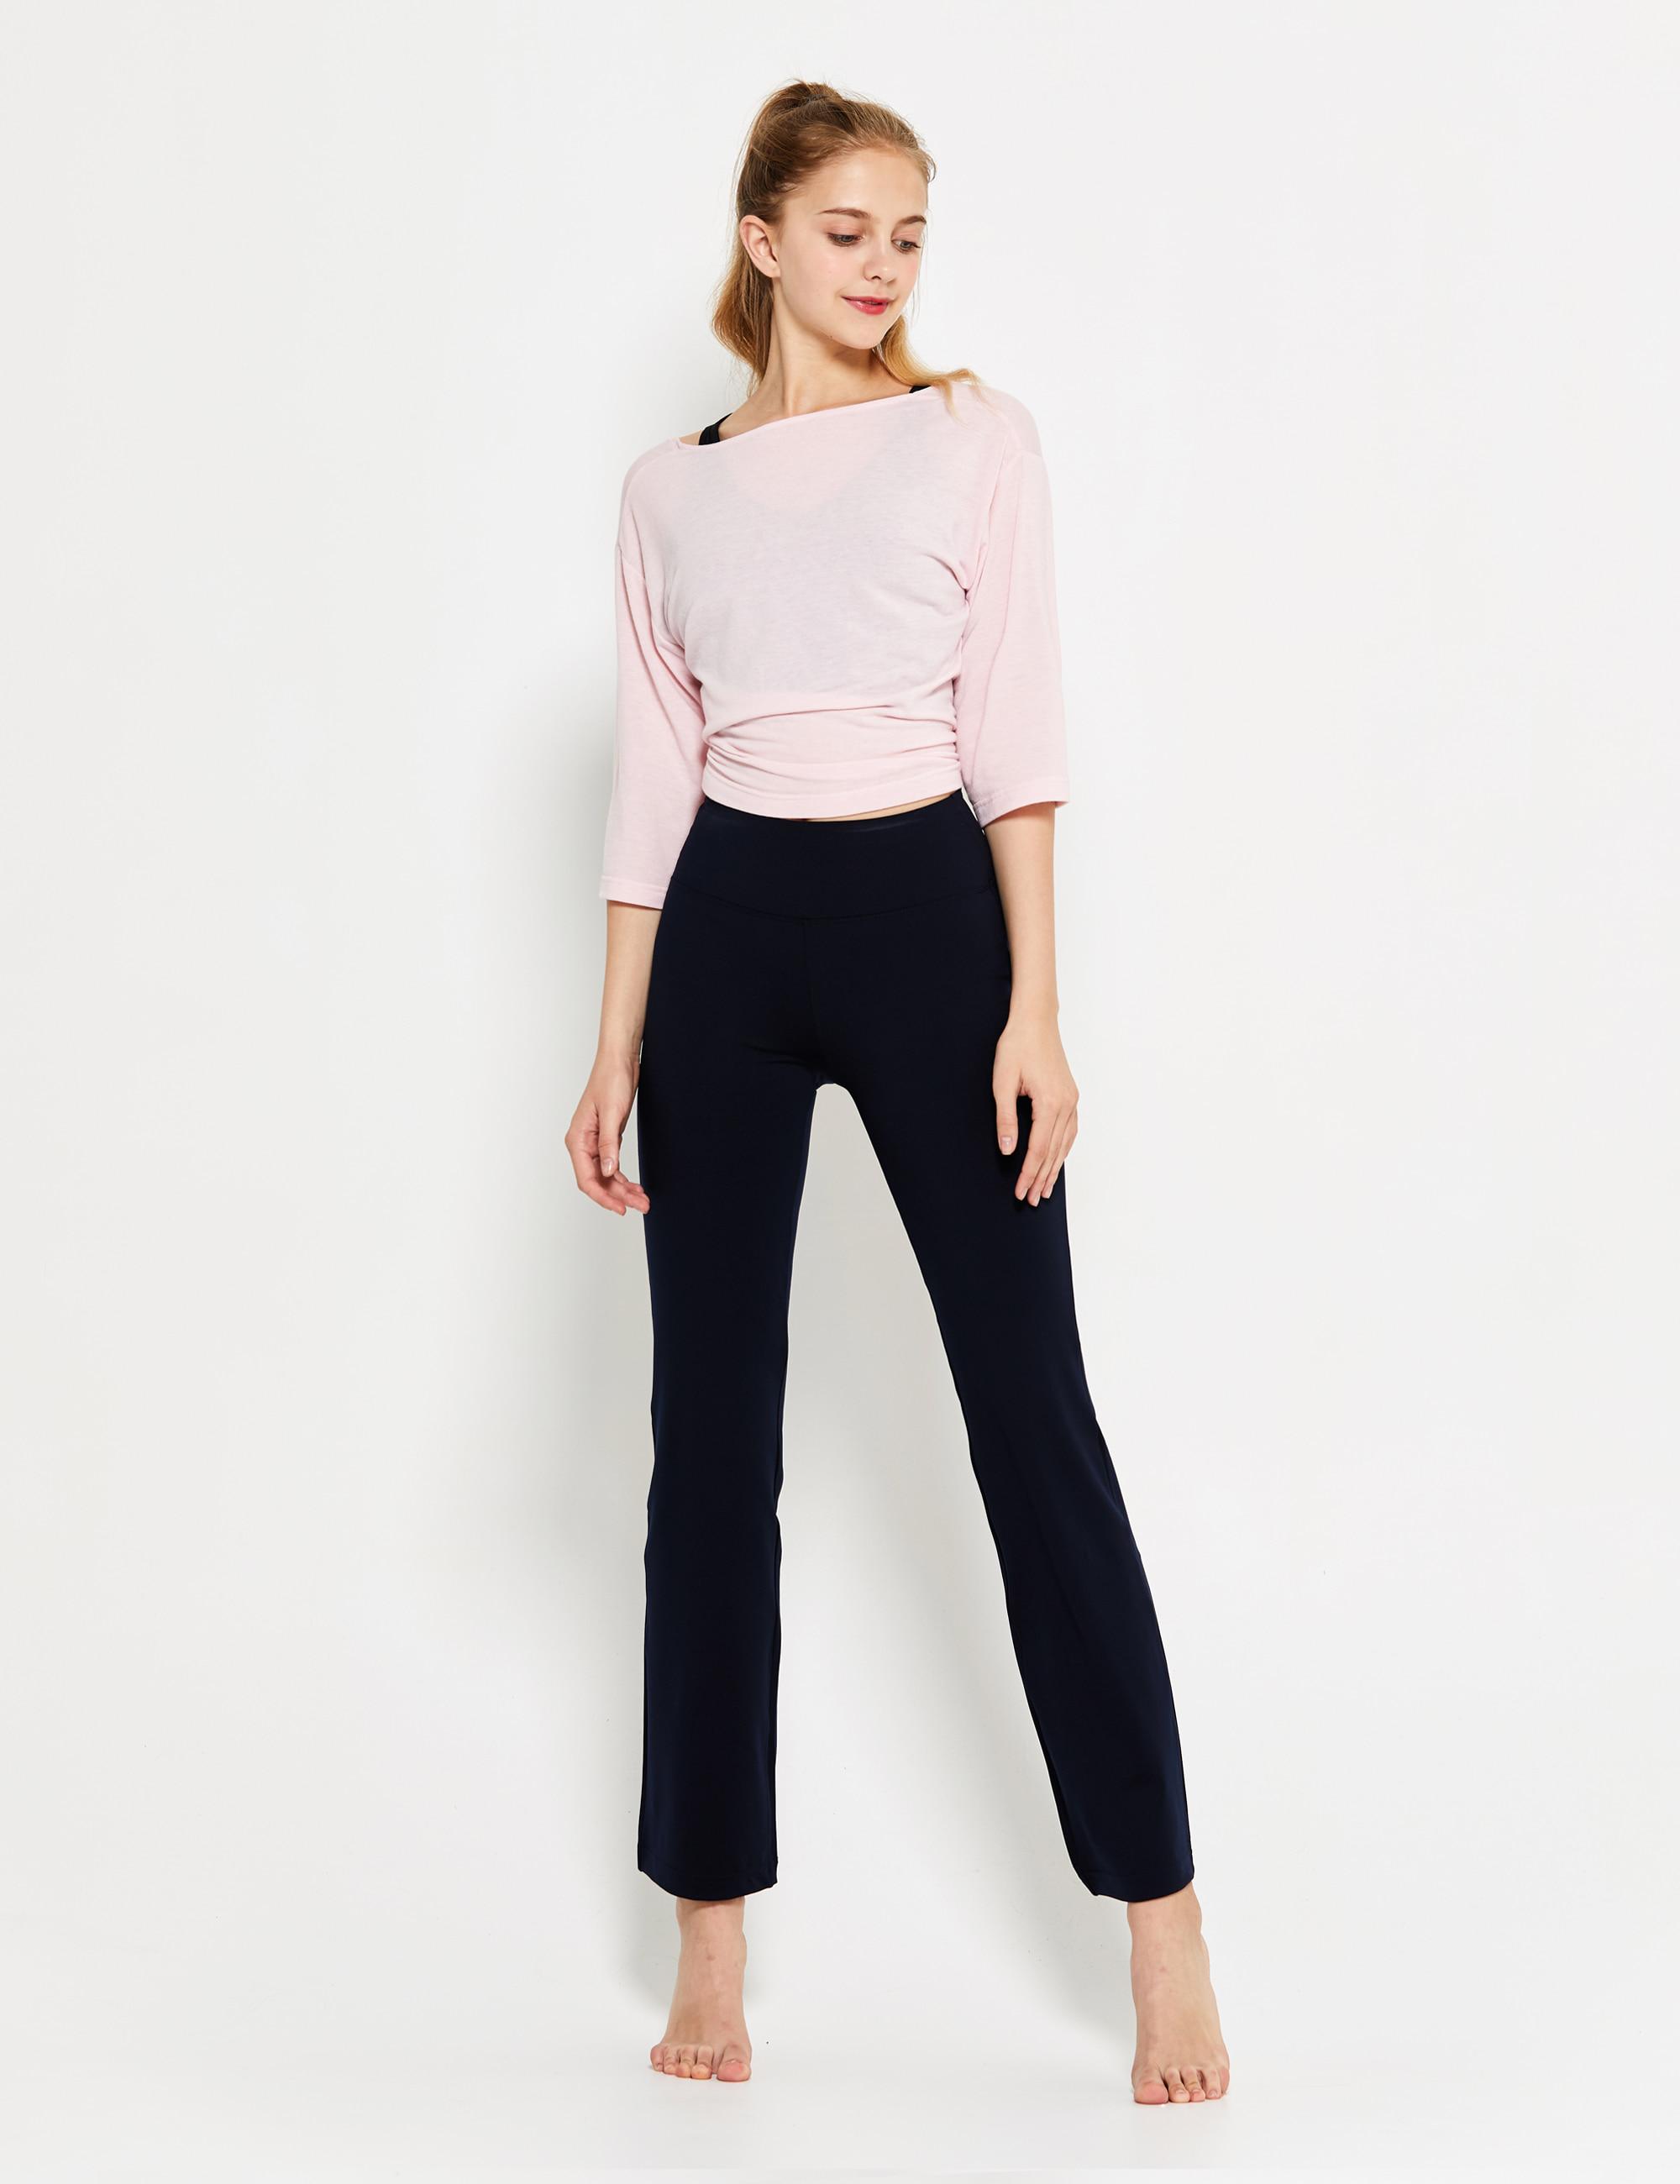 스컬피그(SKULLPIG) [SA4185]볼레로티셔츠 핑크